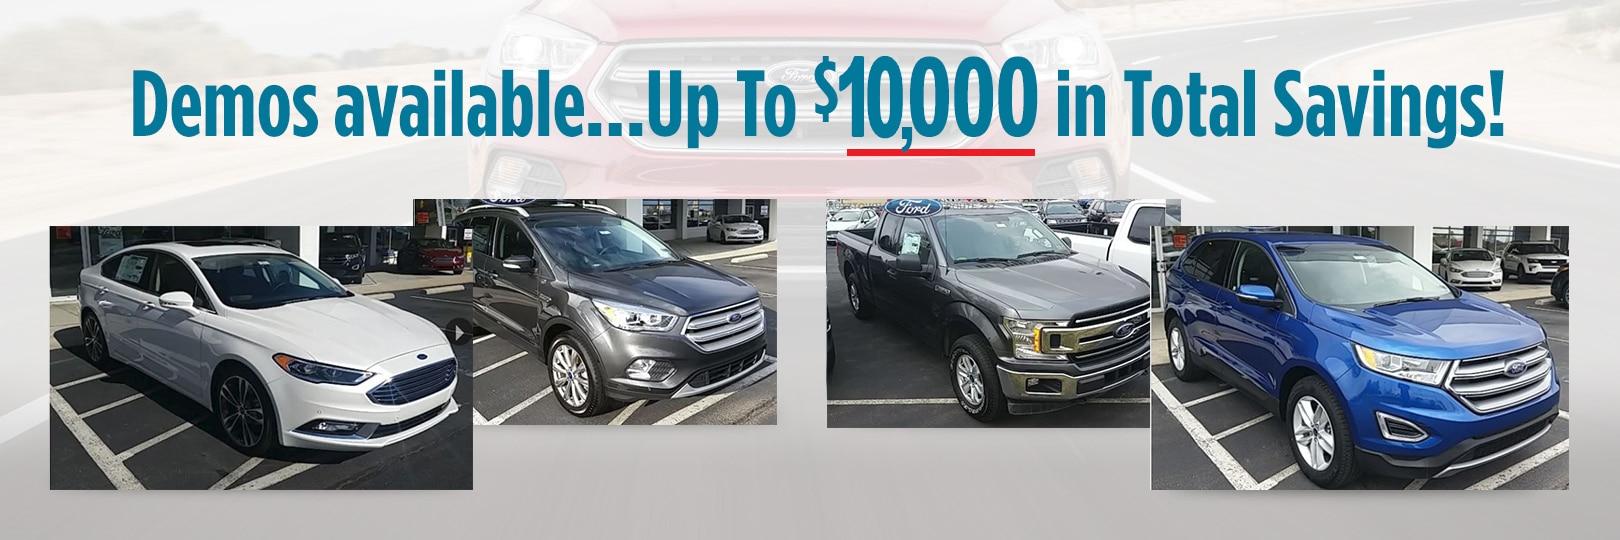 Haldeman Ford Kutztown Vehicles Service Parts Finance